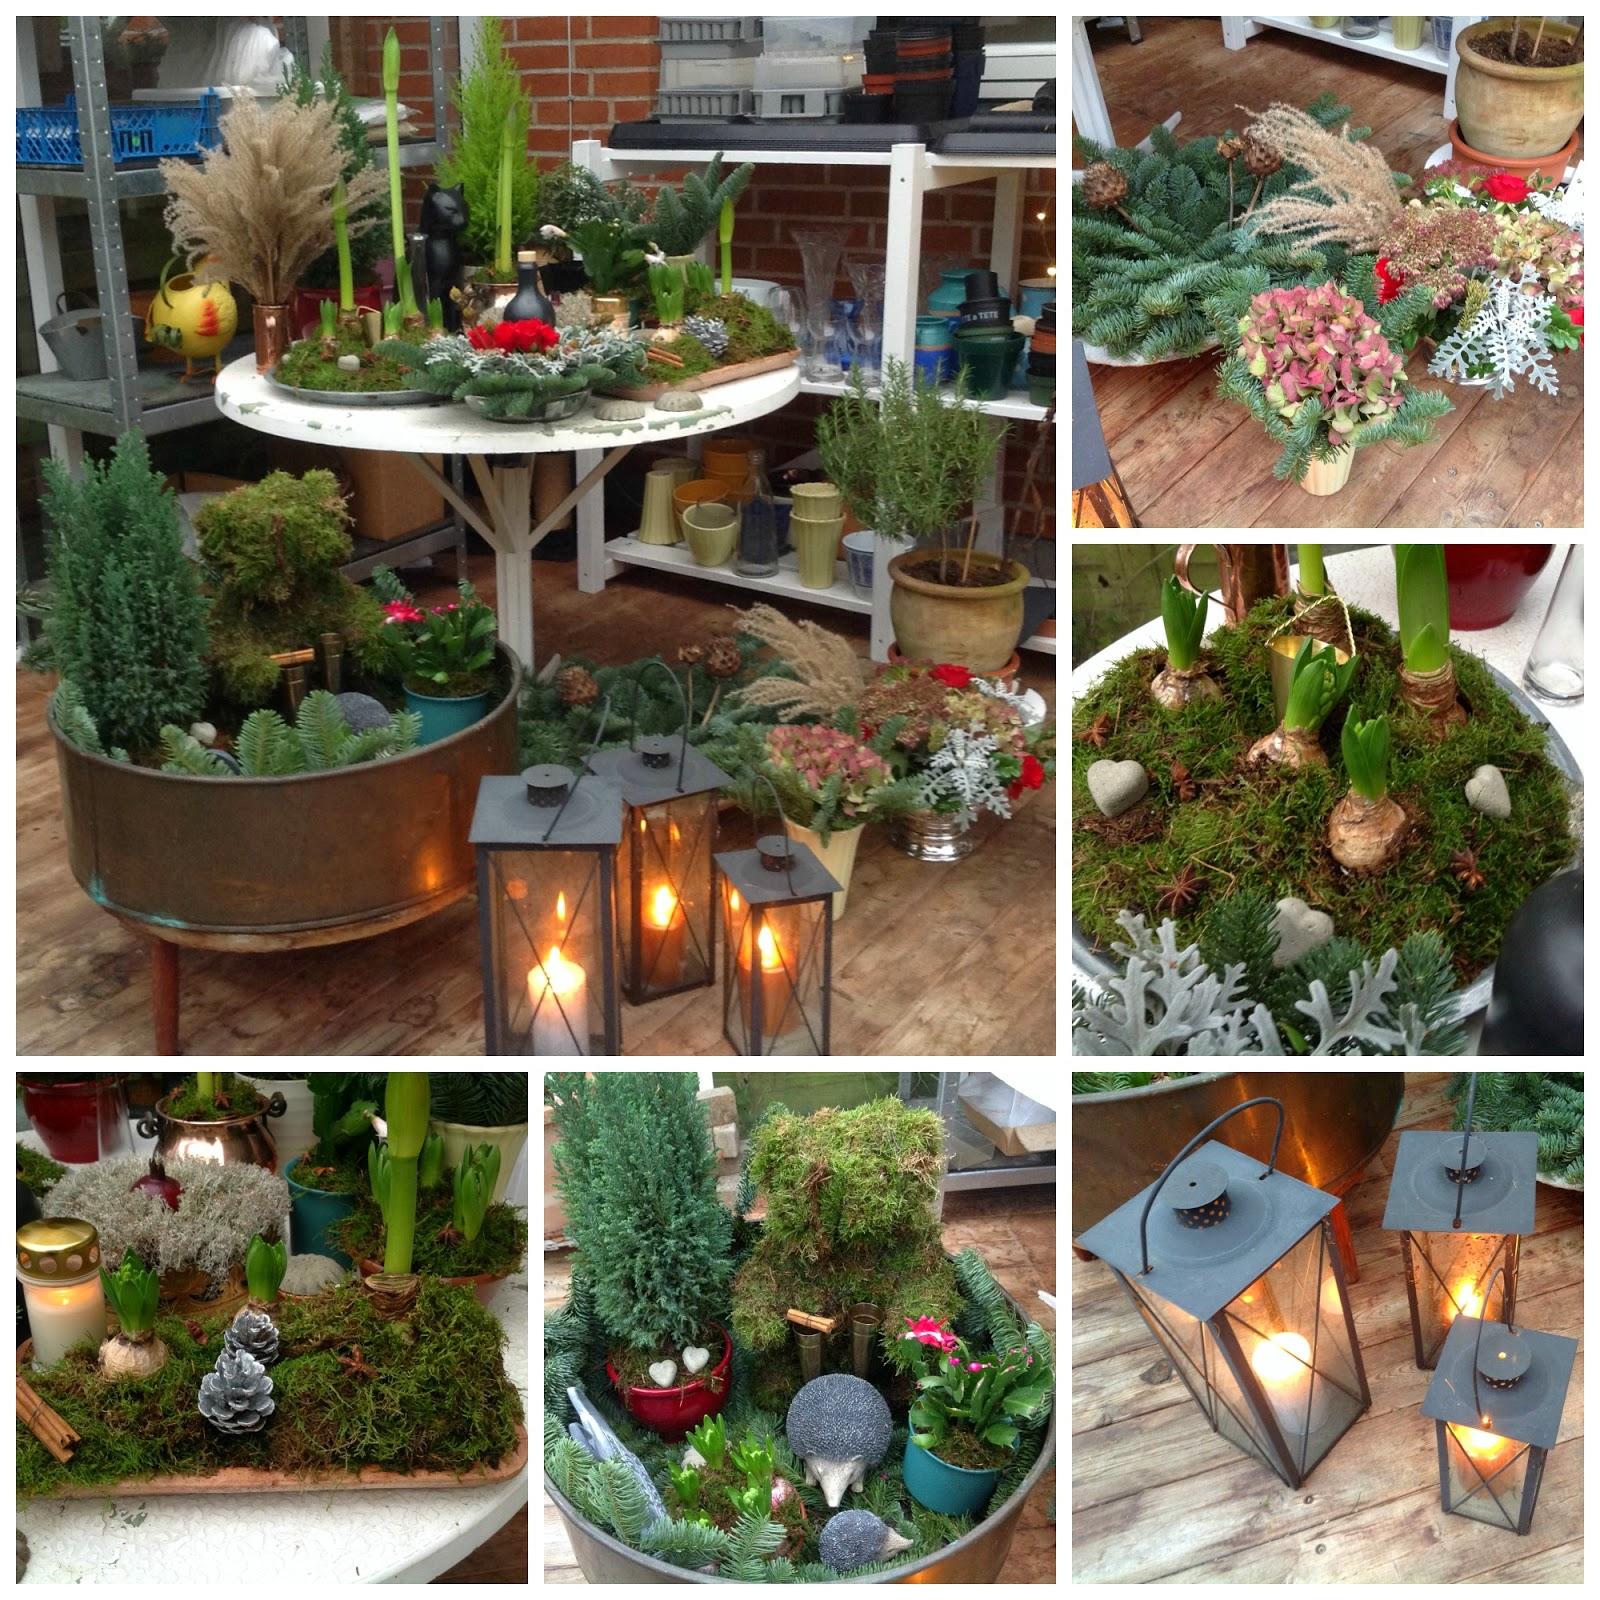 #A25B29 Anbefalede Min Lille Store Have: Julepyntning Af Udestuen/I Gør Det Selv Ideer Til Jul 5457 160016005457